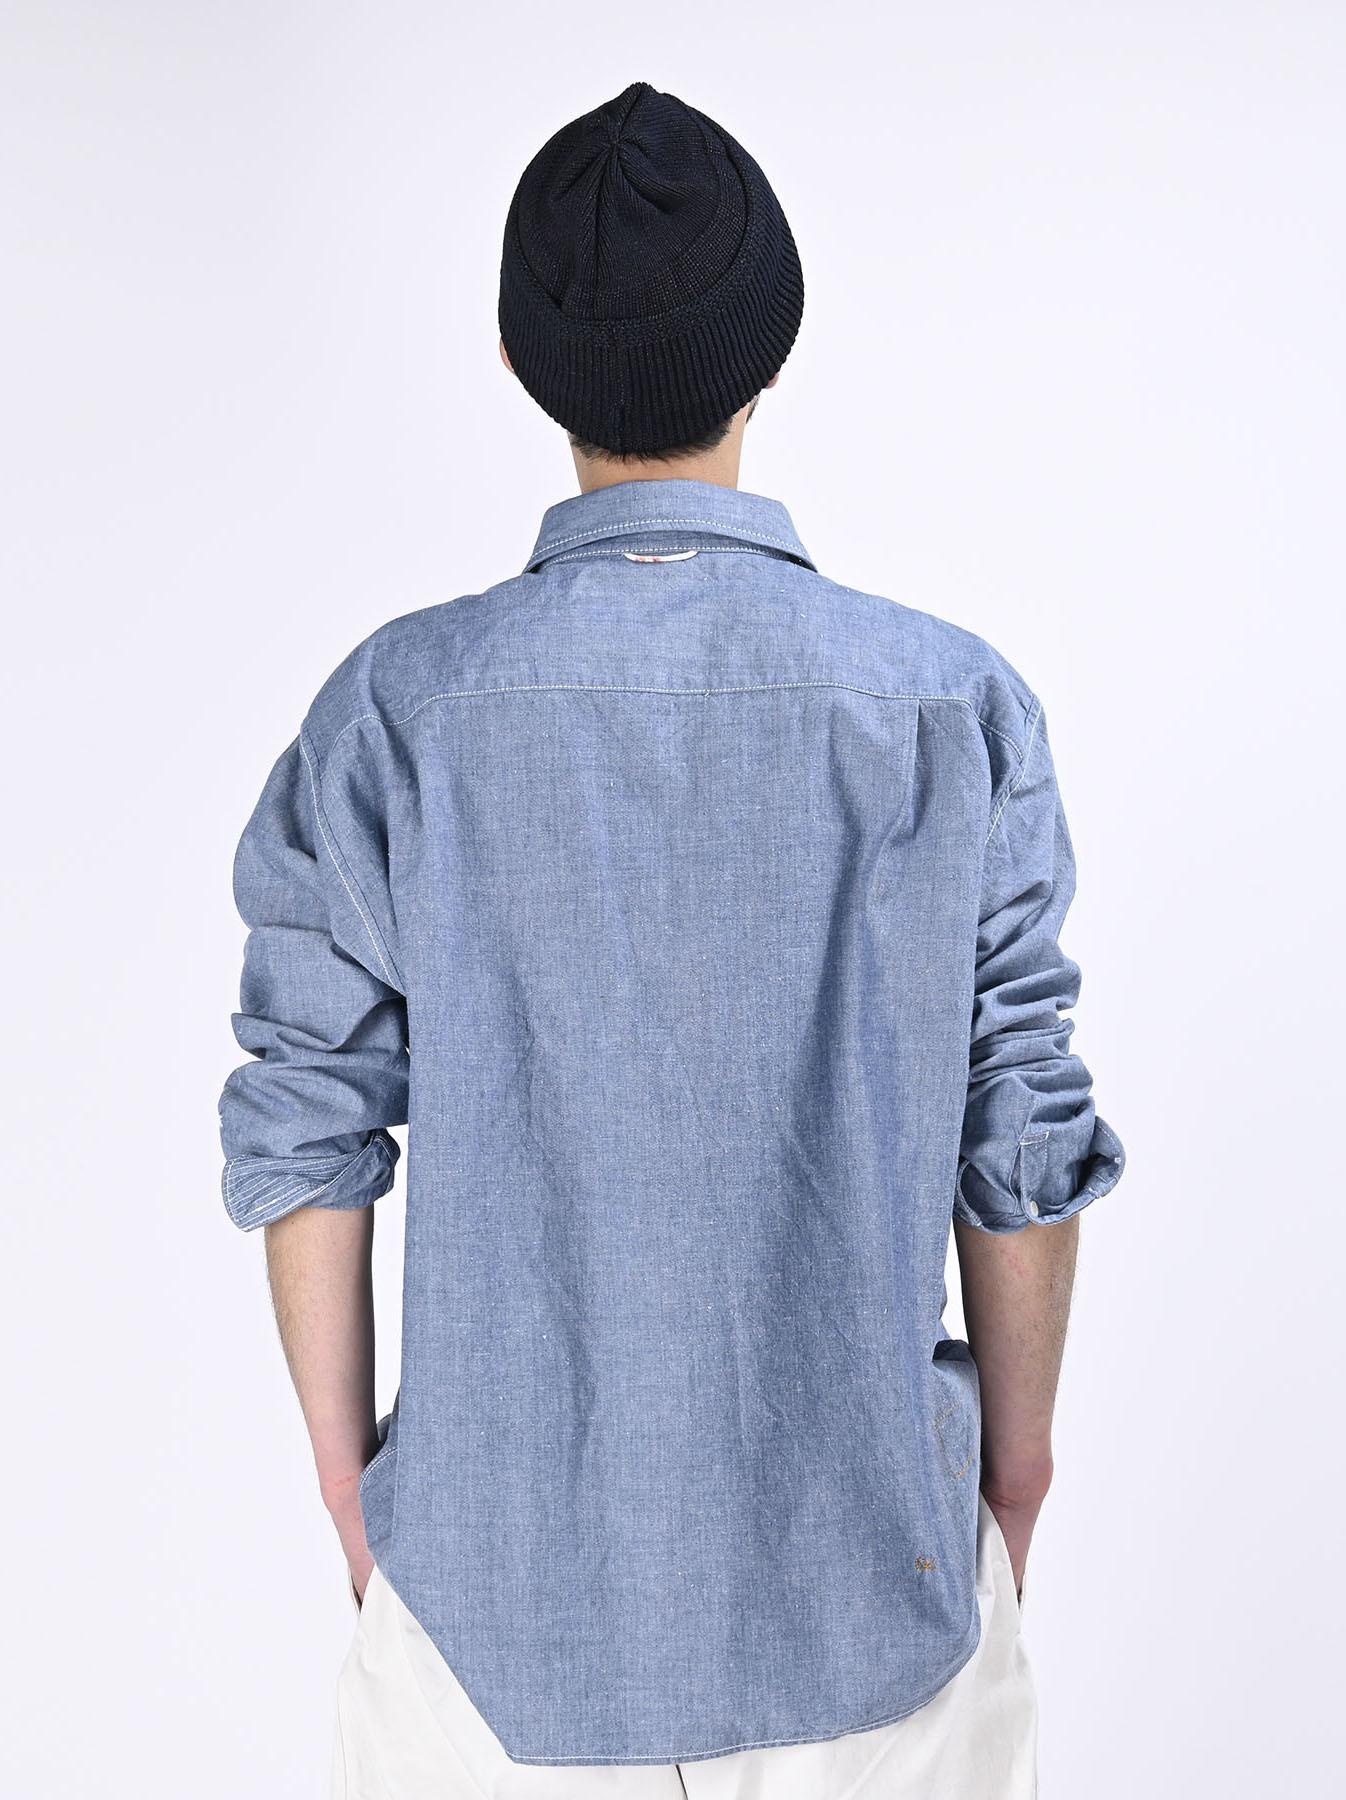 Okome-hira Dungaree 908 Ocean Work Shirt (0621)-6